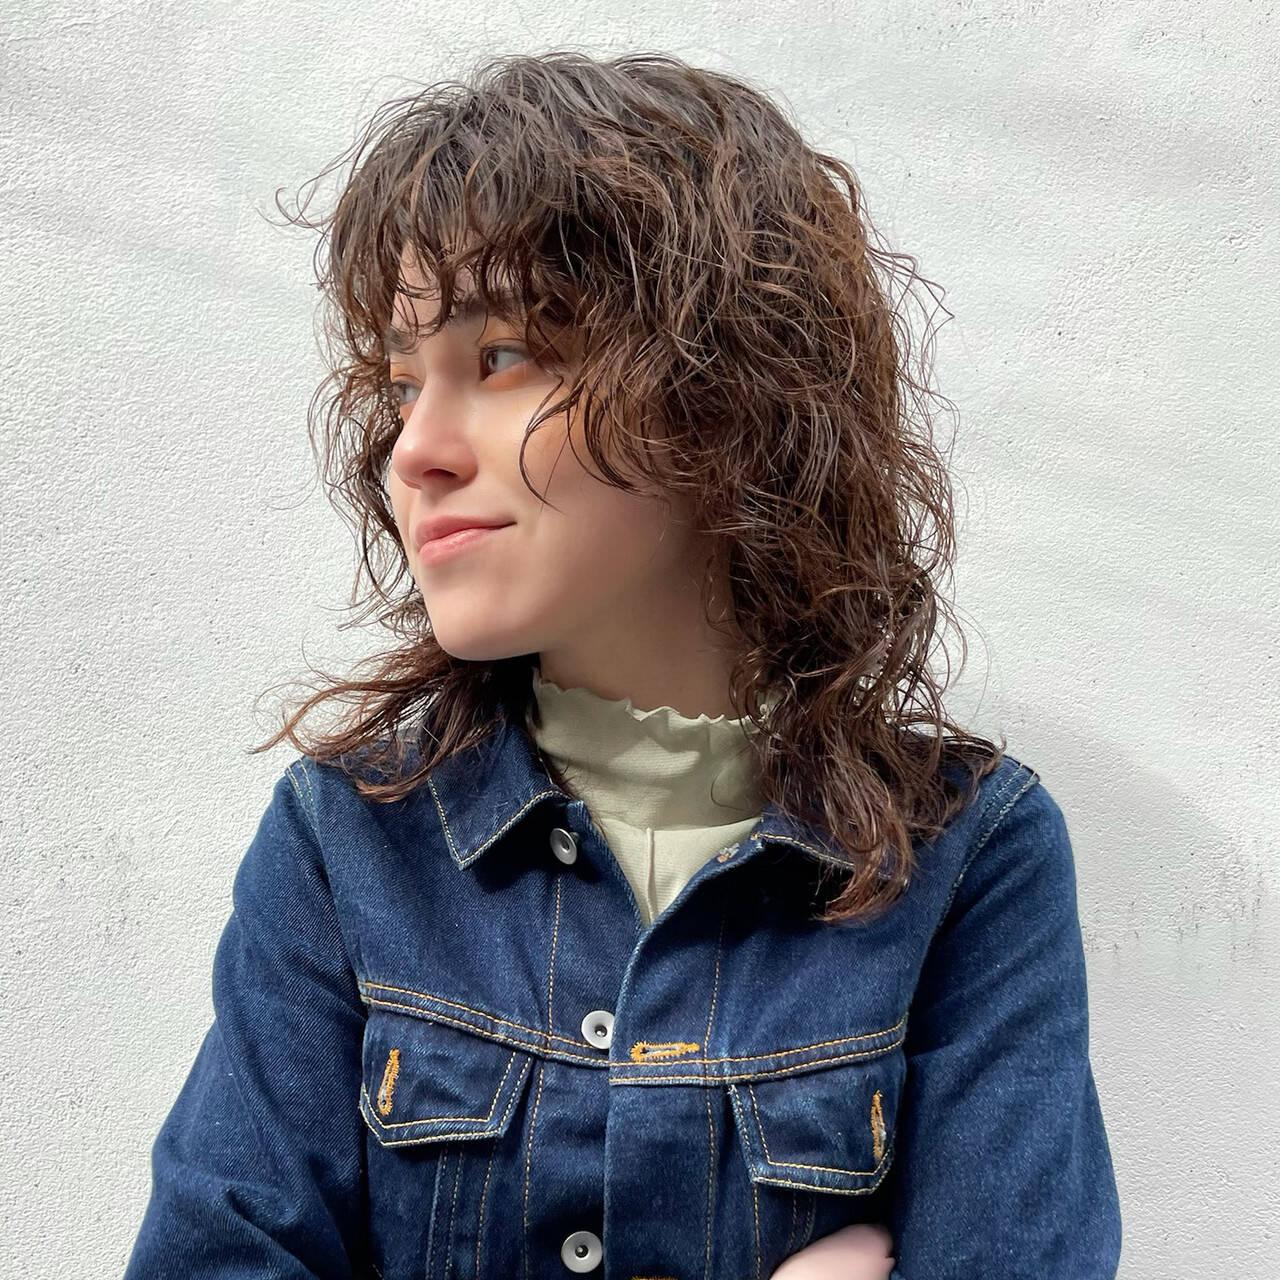 マッシュウルフ ミディアム 前髪あり レイヤースタイルヘアスタイルや髪型の写真・画像